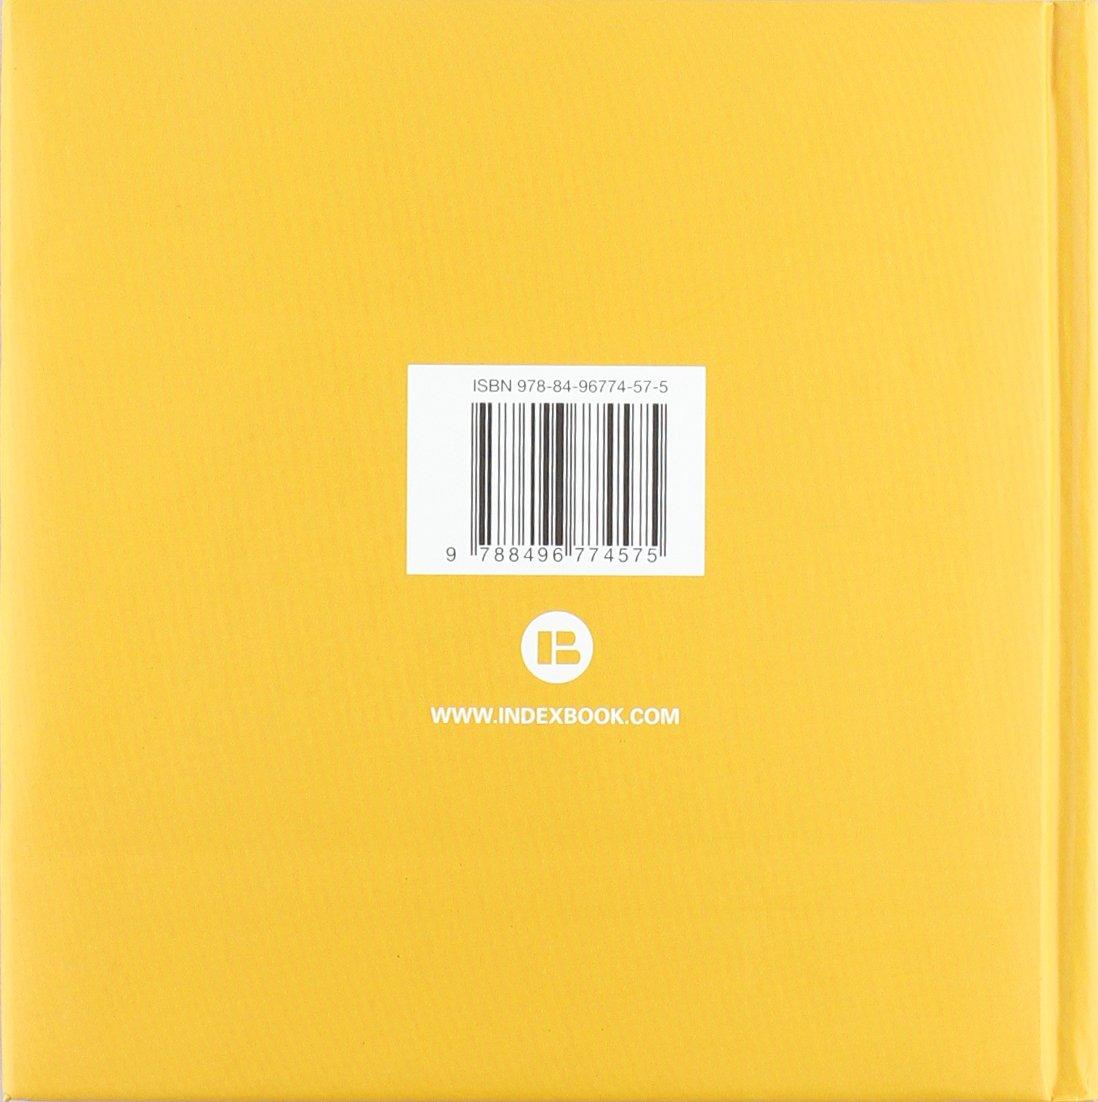 PUNTO DE VENTA LISTO PARA USAR INCLUYE CD: Shao y otro Lianshum: 9788496774575: Amazon.com: Books